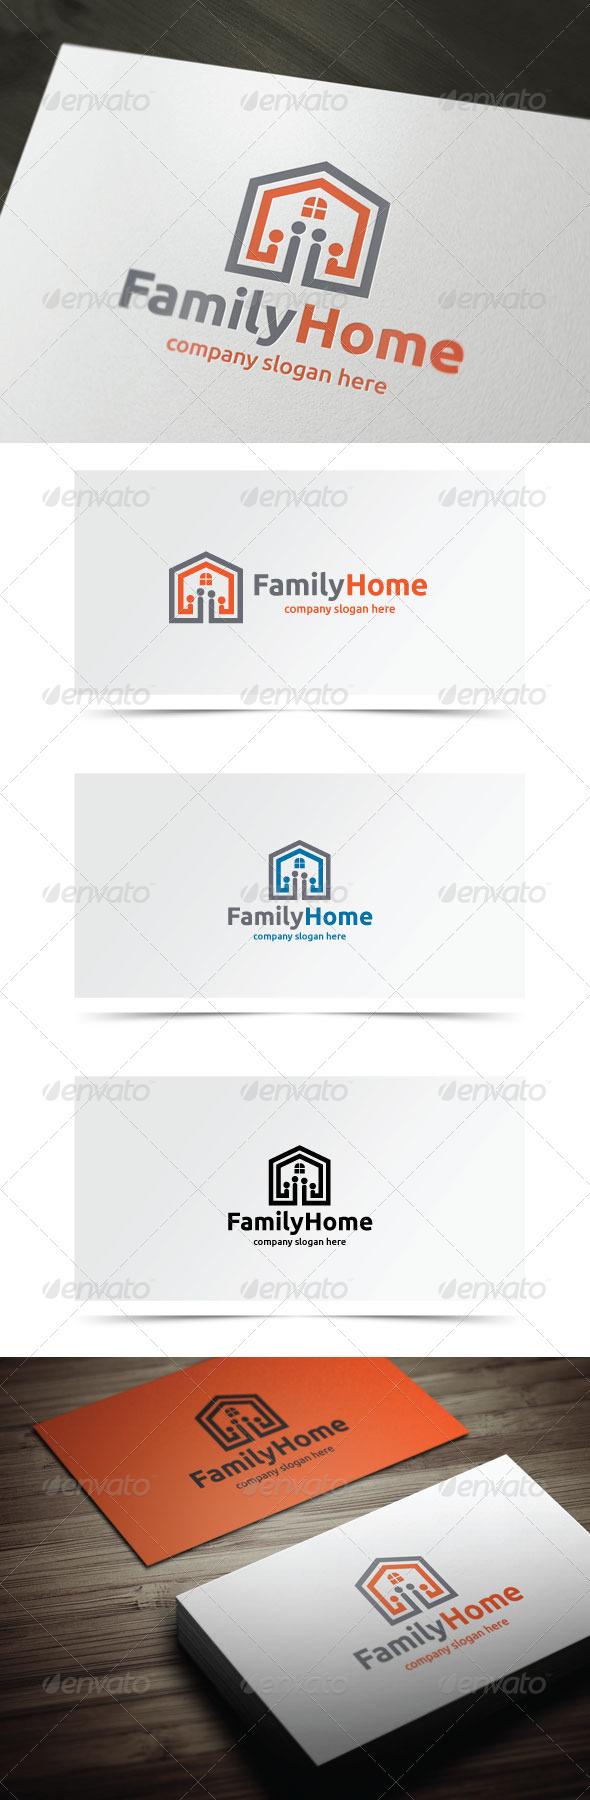 GraphicRiver Family Home 6611893